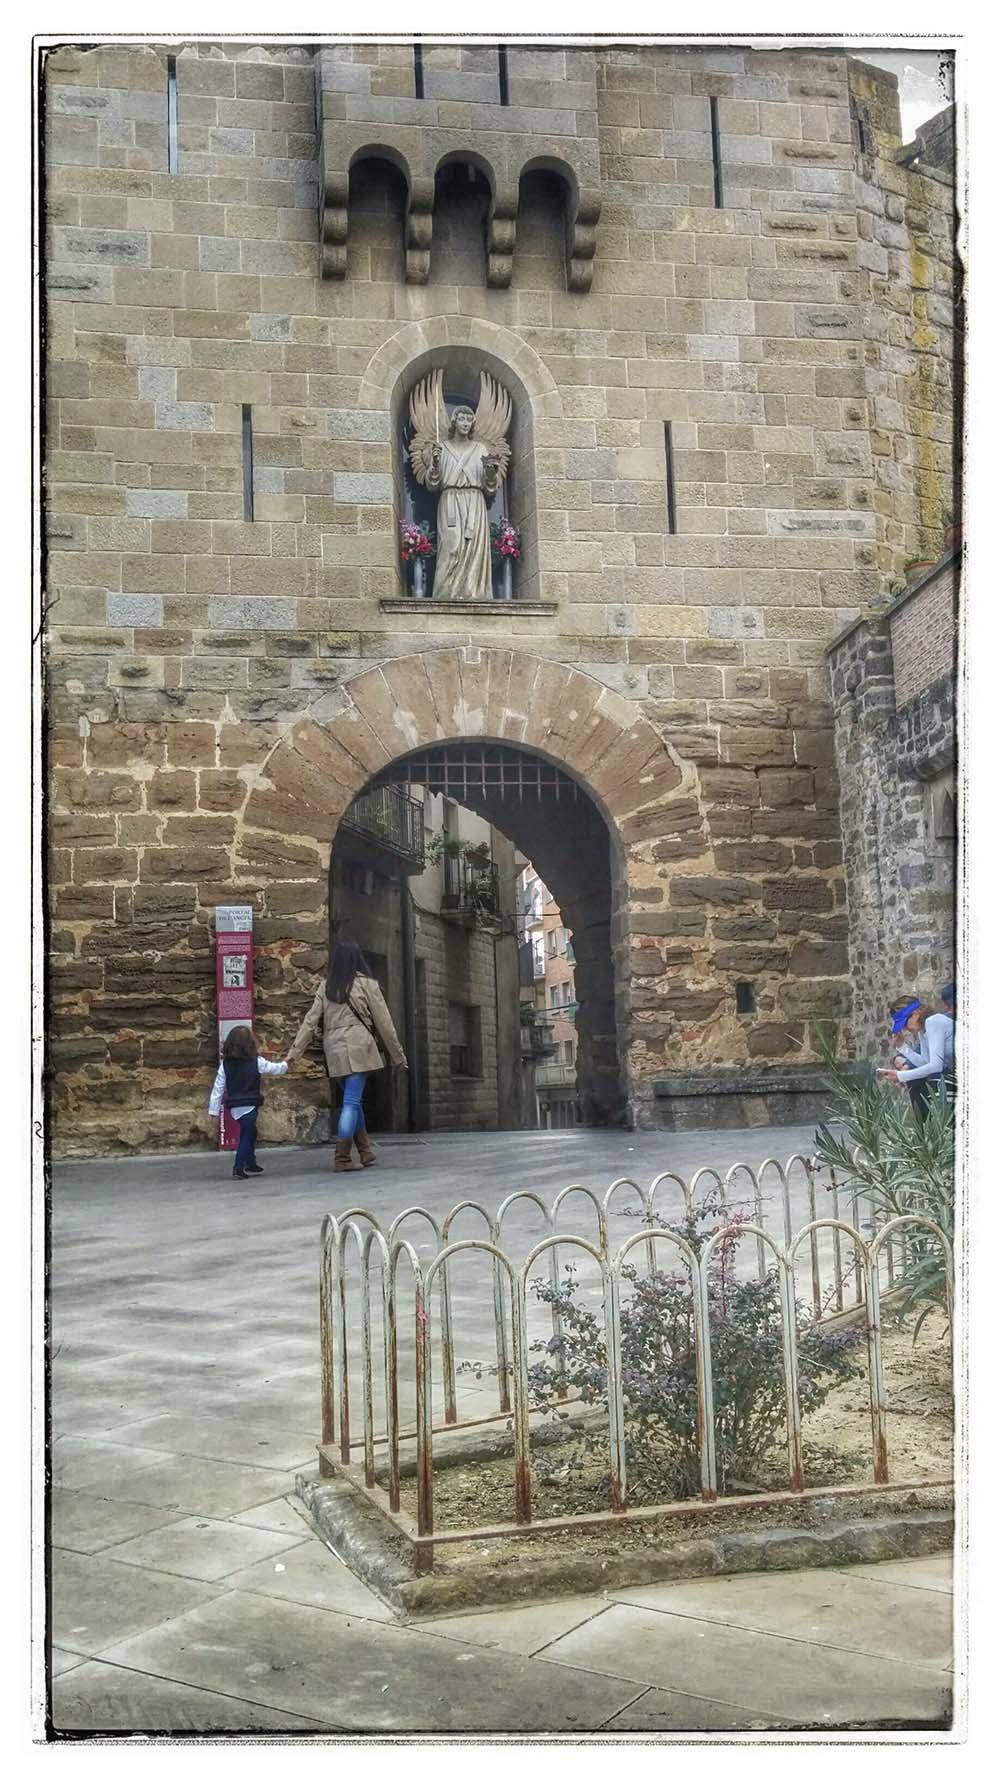 Espai Muralla i portal de l'Àngel